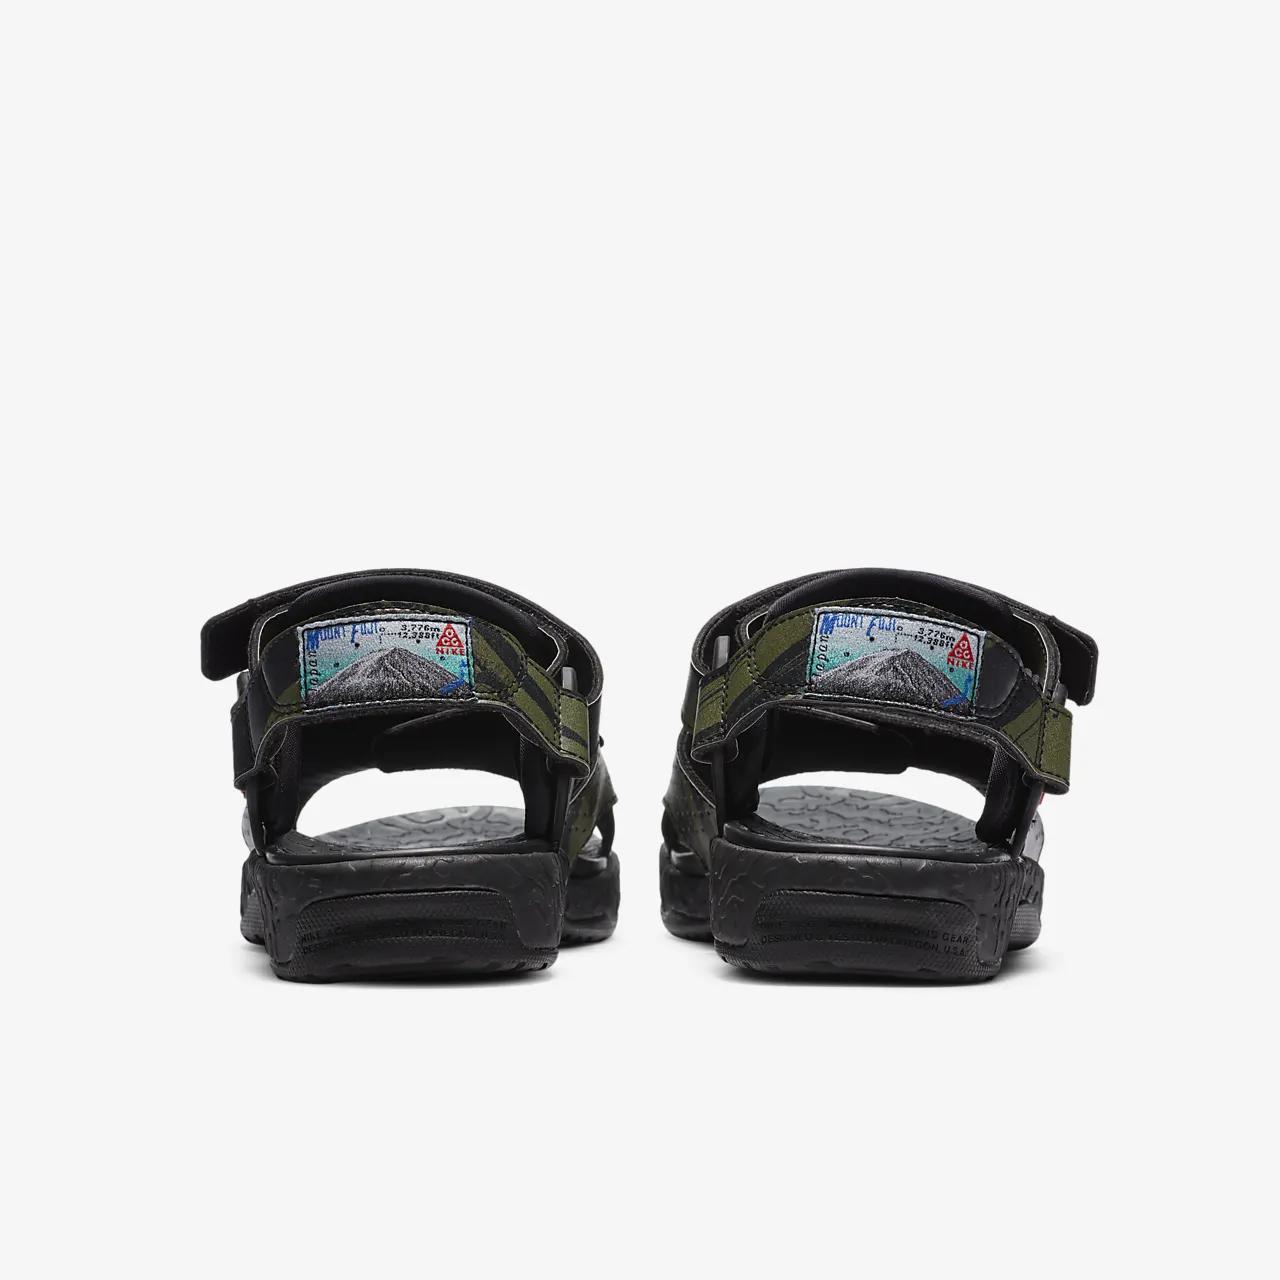 유럽직배송 나이키 NIKE Nike ACG Deschutz Mt. Fuji Sandal CZ3776-001